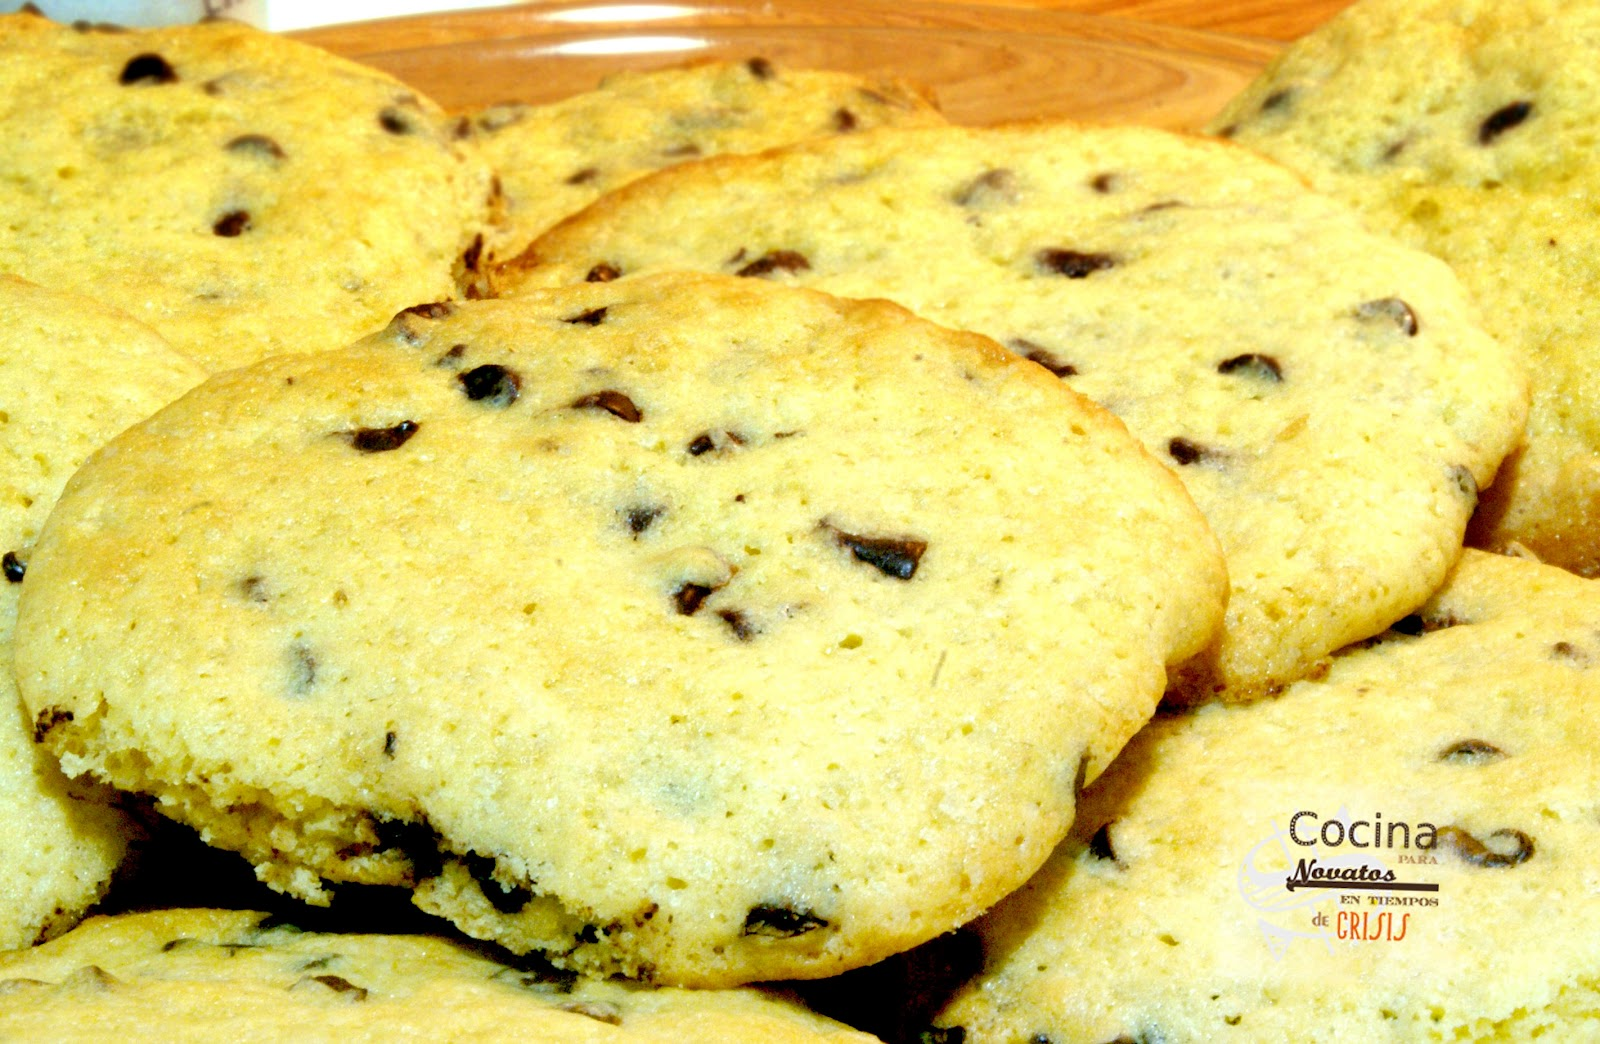 Cocina para novatos en tiempos de crisis cookies con chispas de chocolate - Cocina para novatos ...